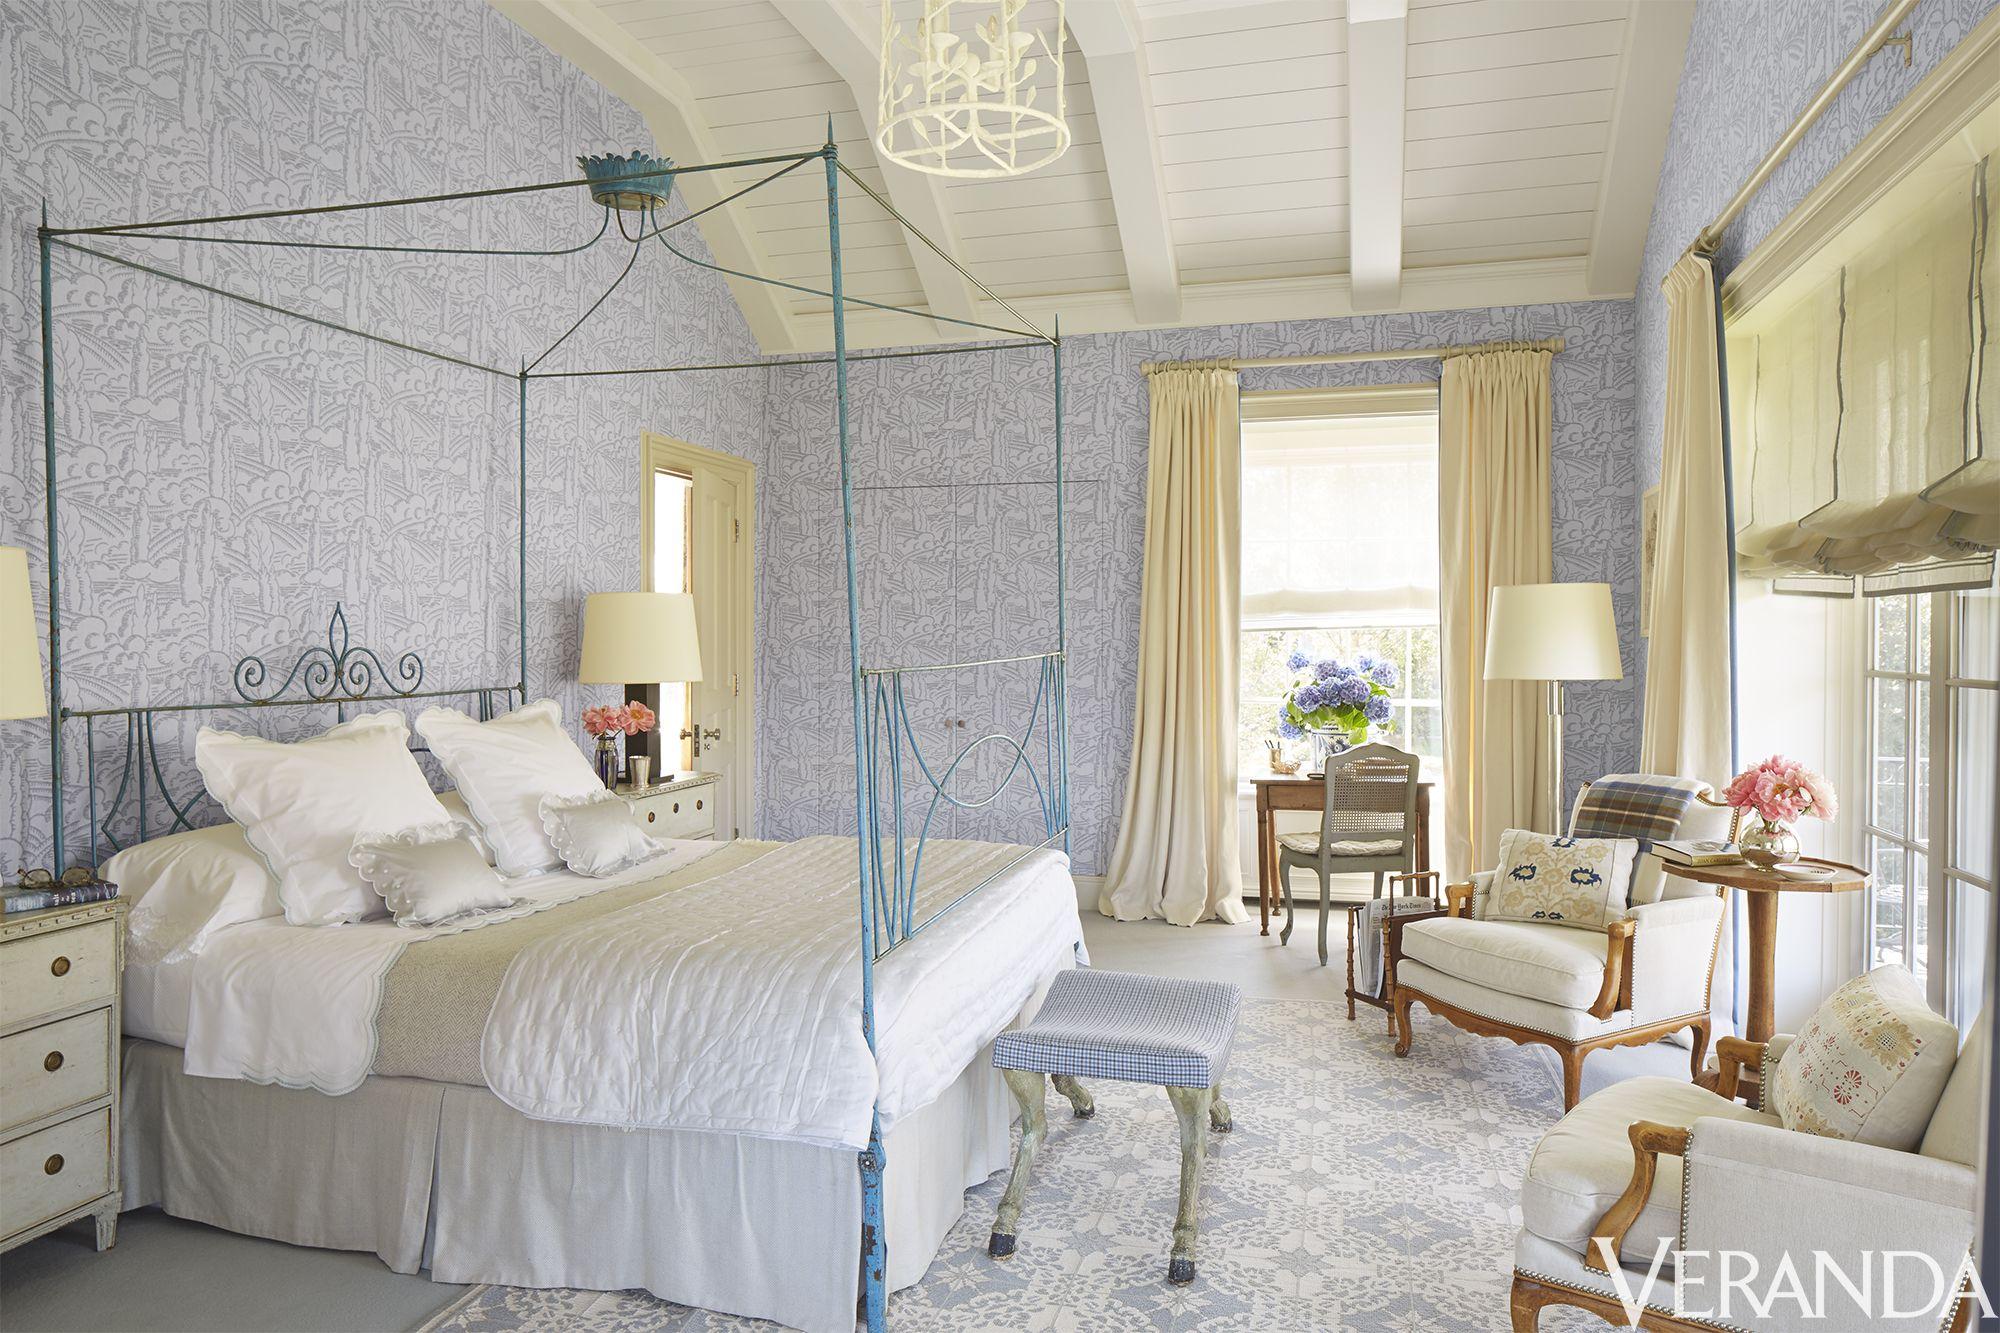 . 30 Best Bedroom Ideas   Beautiful Bedroom Decorating Tips